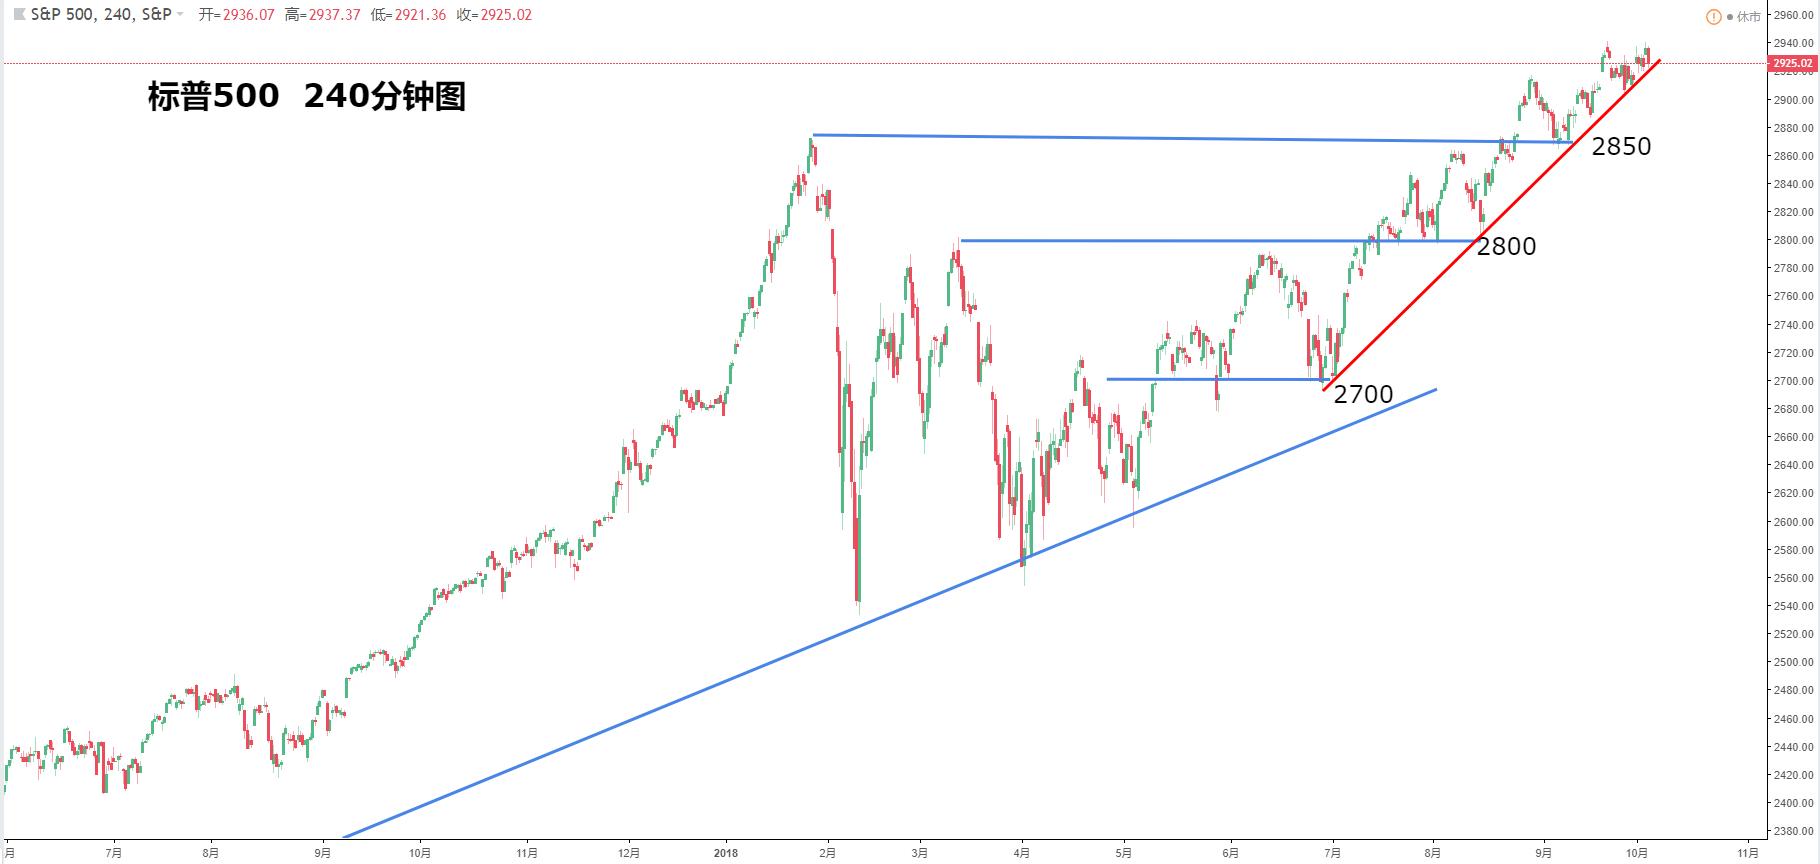 美國股指:道瓊斯指數、納斯達克指數、標準普爾500指數最新走勢分析(10月4日)